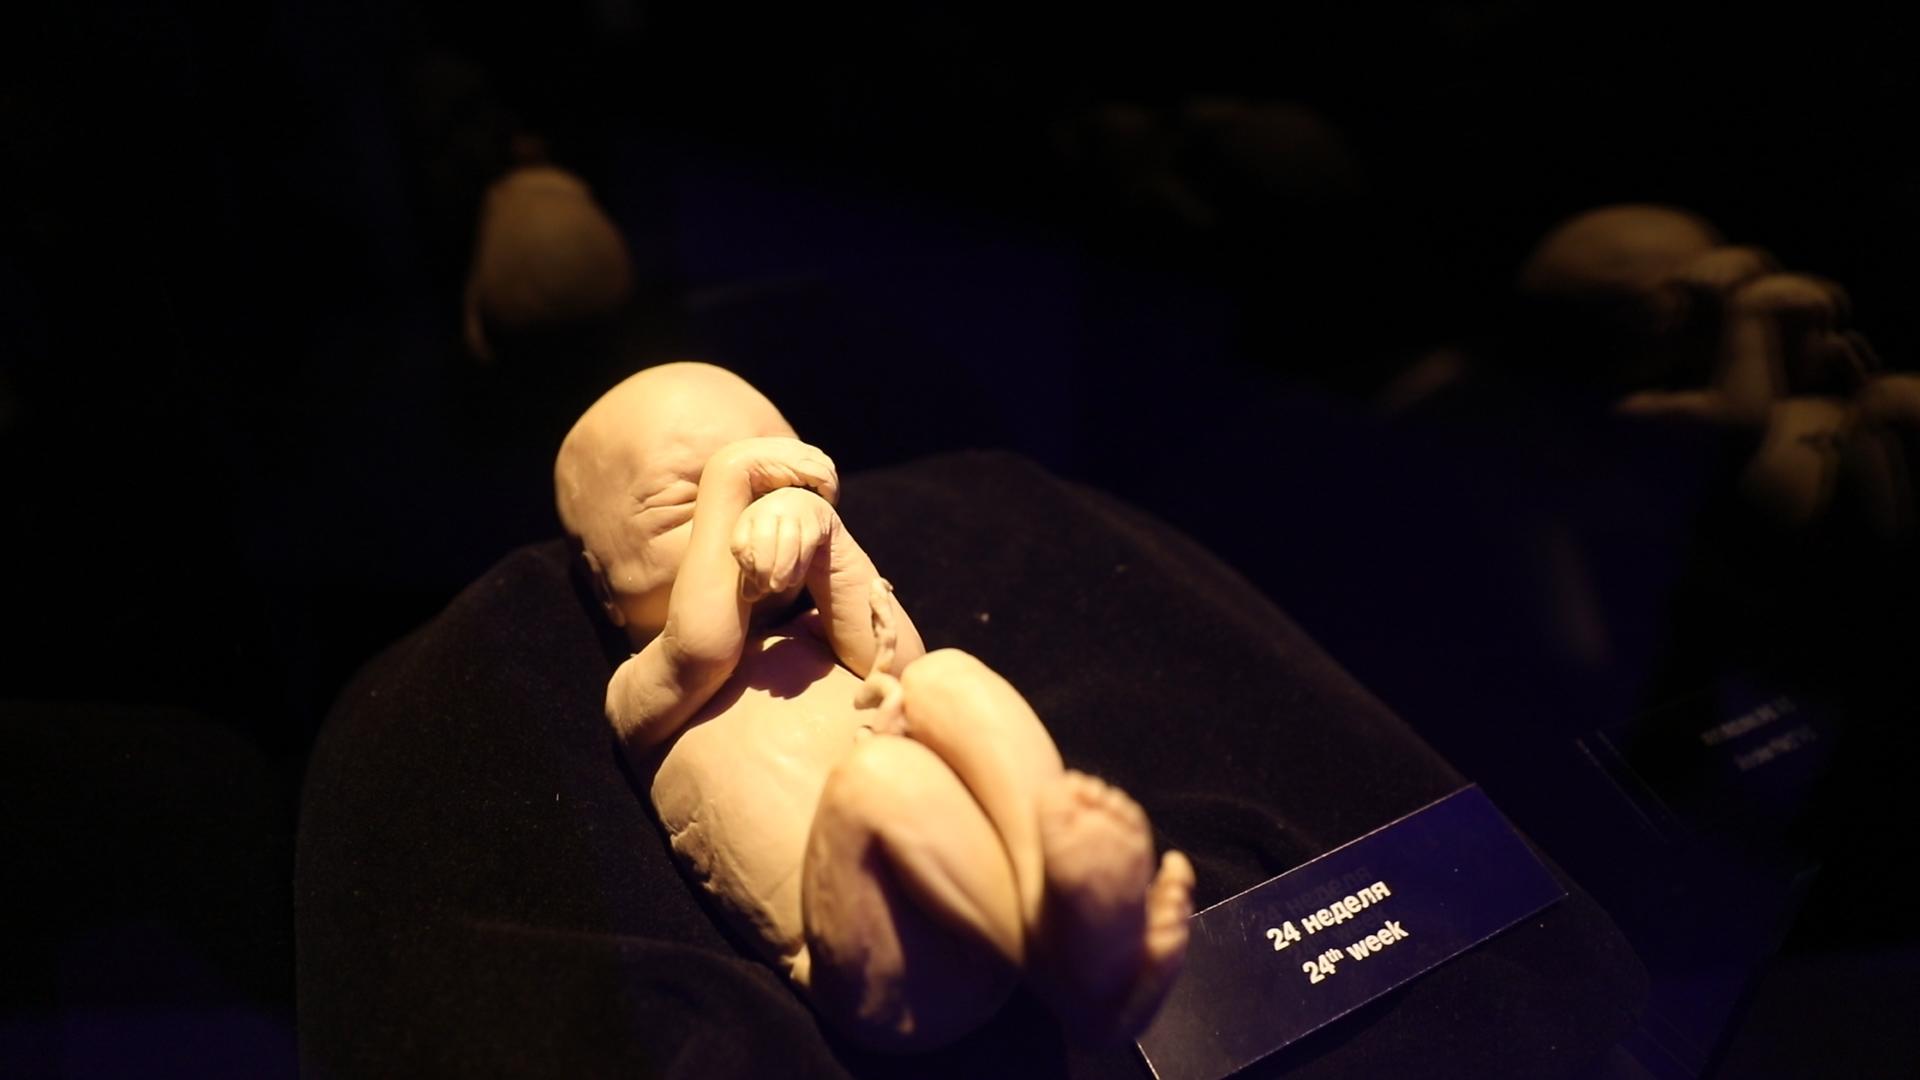 Часть экспозиции рассказывает о развитии эмбриона на разных стадиях. Фото © LIFE